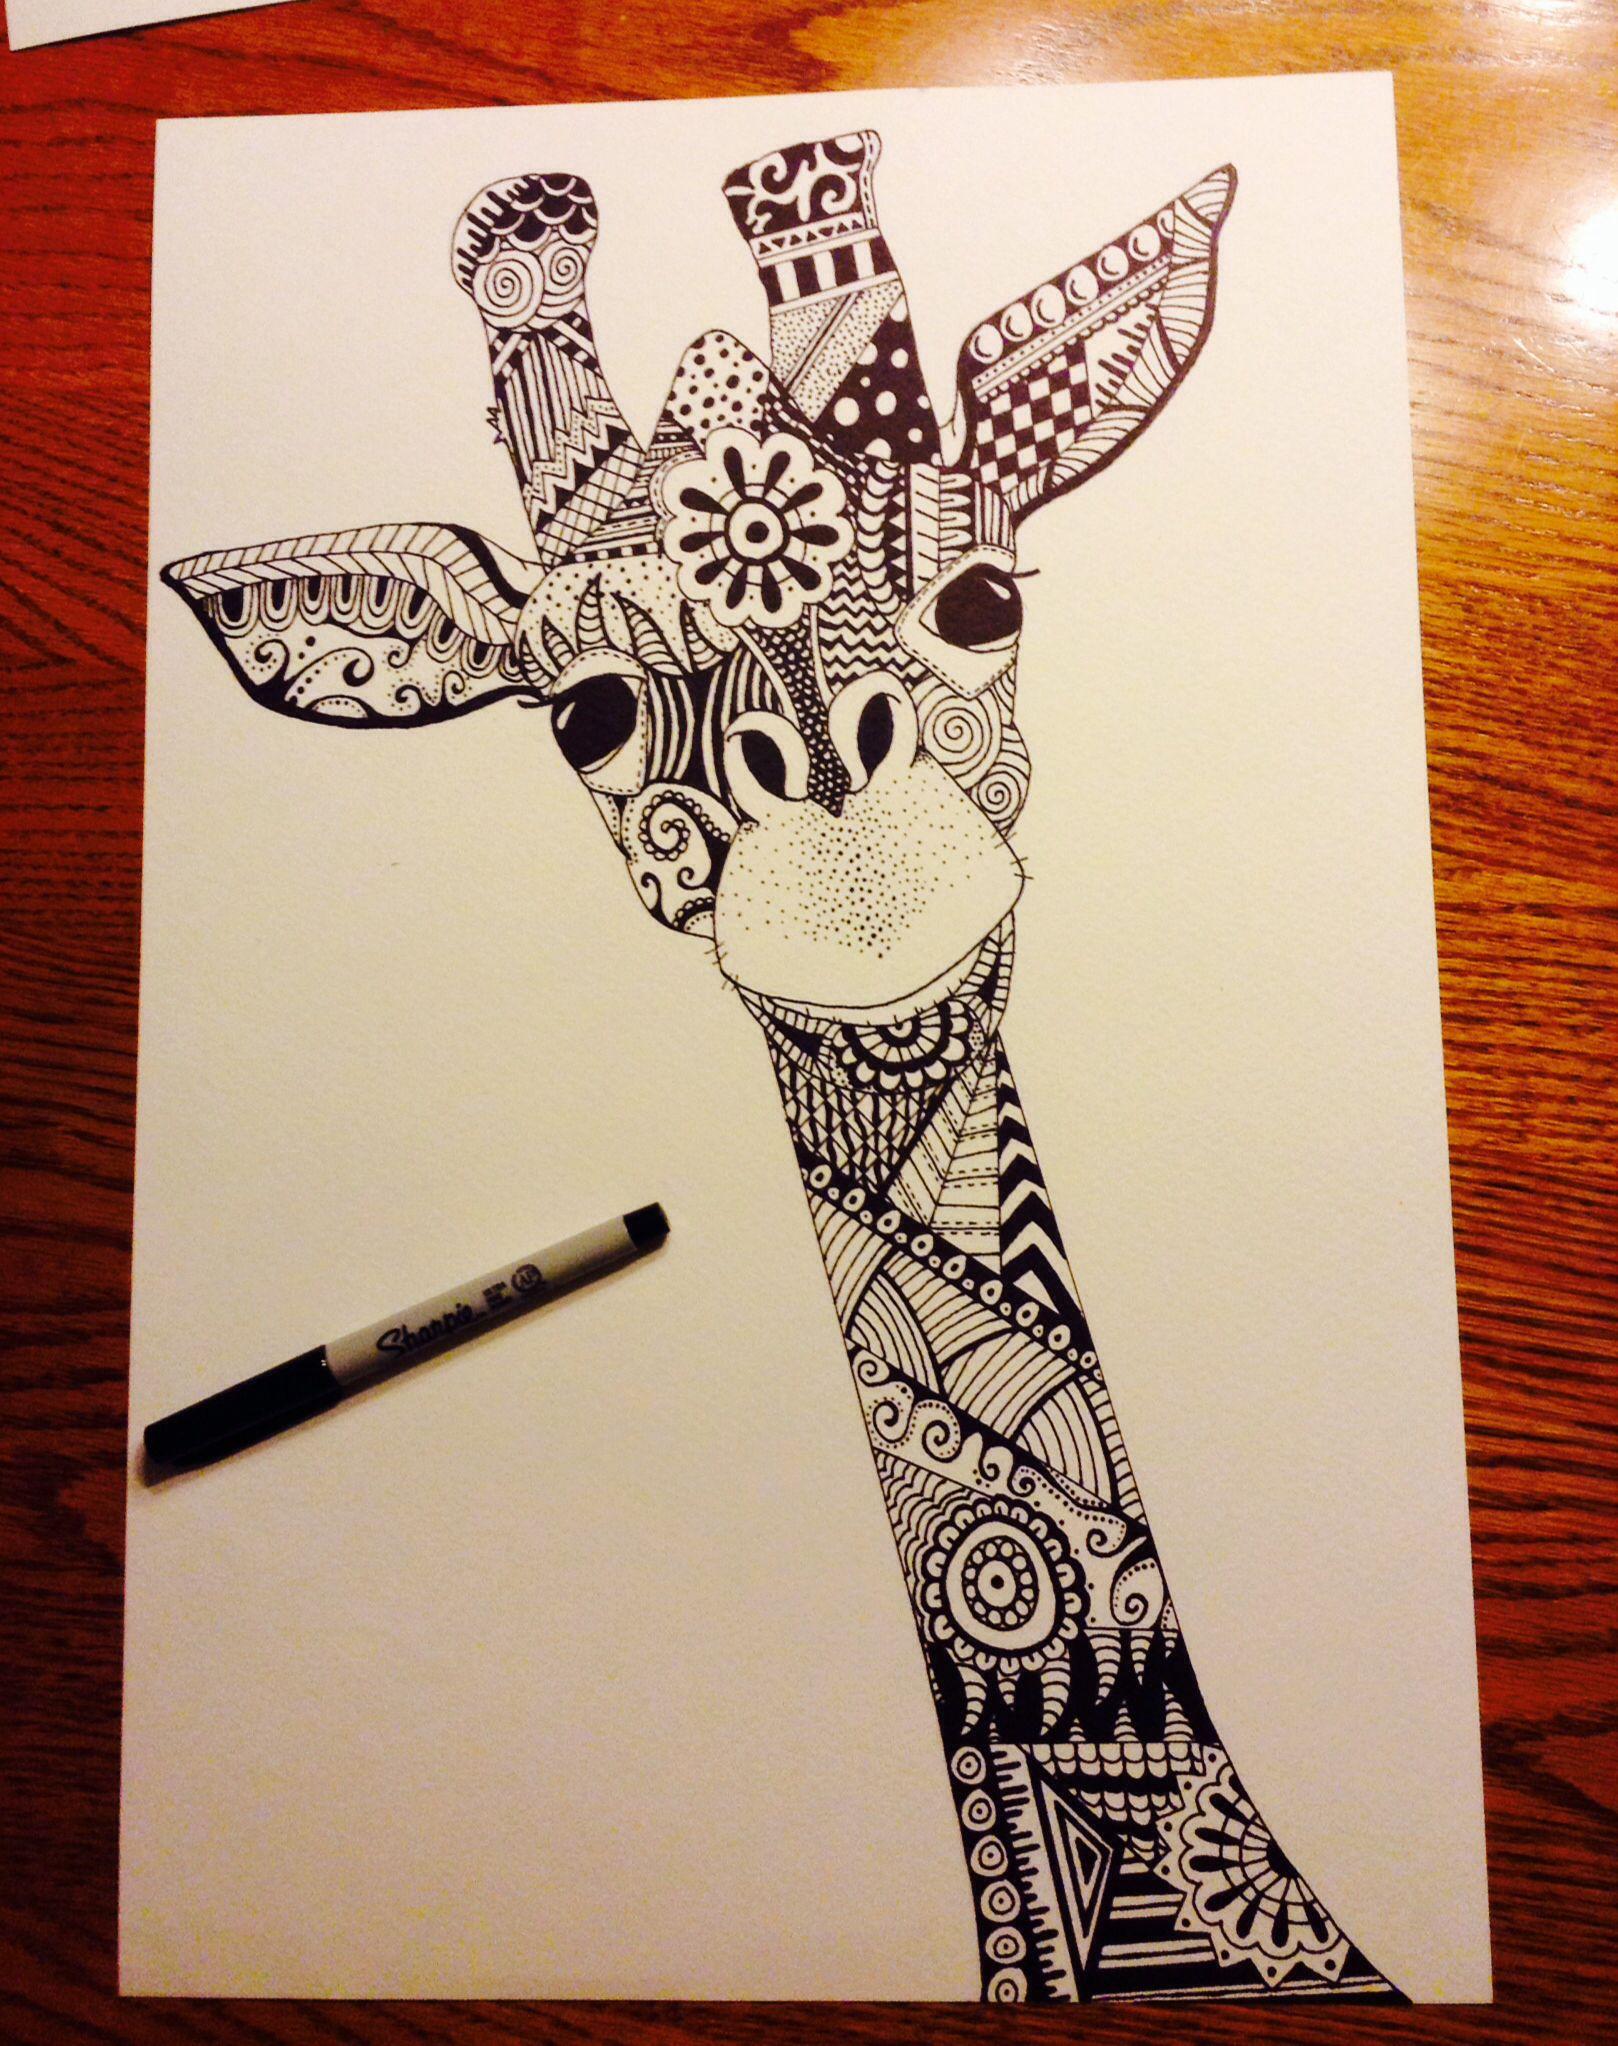 Giraffe Zentangle Sharpie Art - Artist - Liz Leonard ...Cool Giraffe Drawings